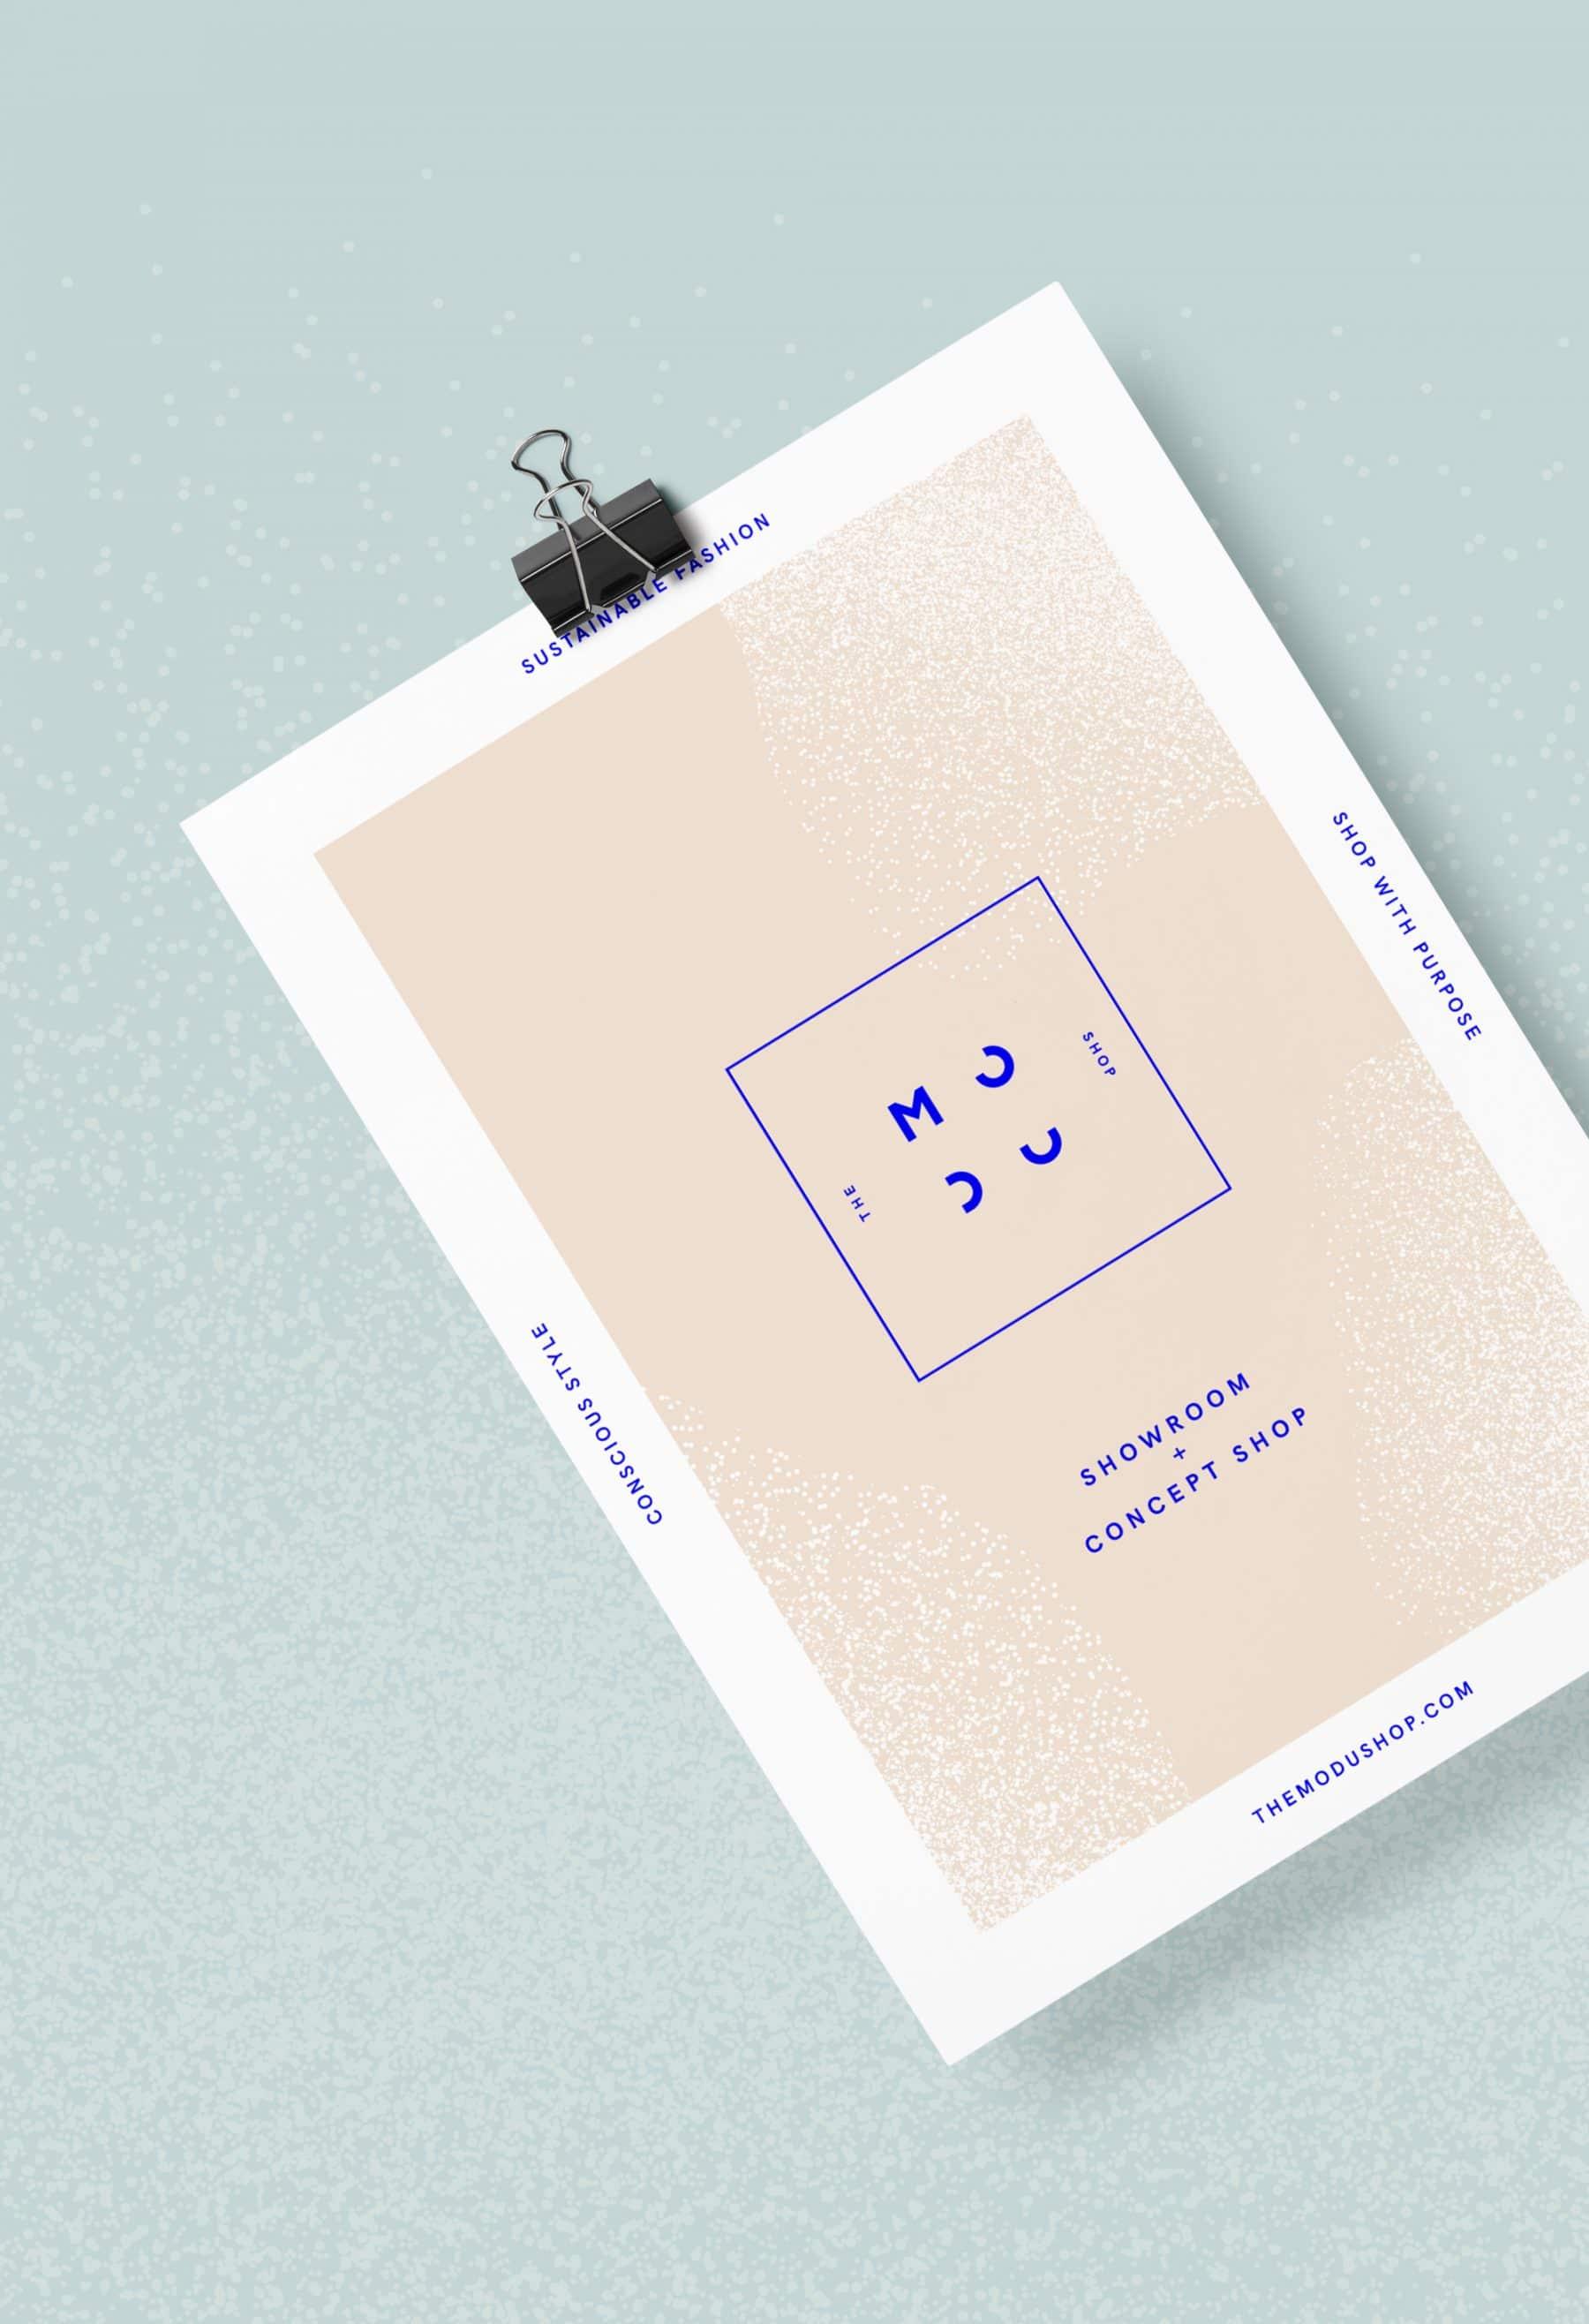 Kinlake-Modu-Shop-Poster-02